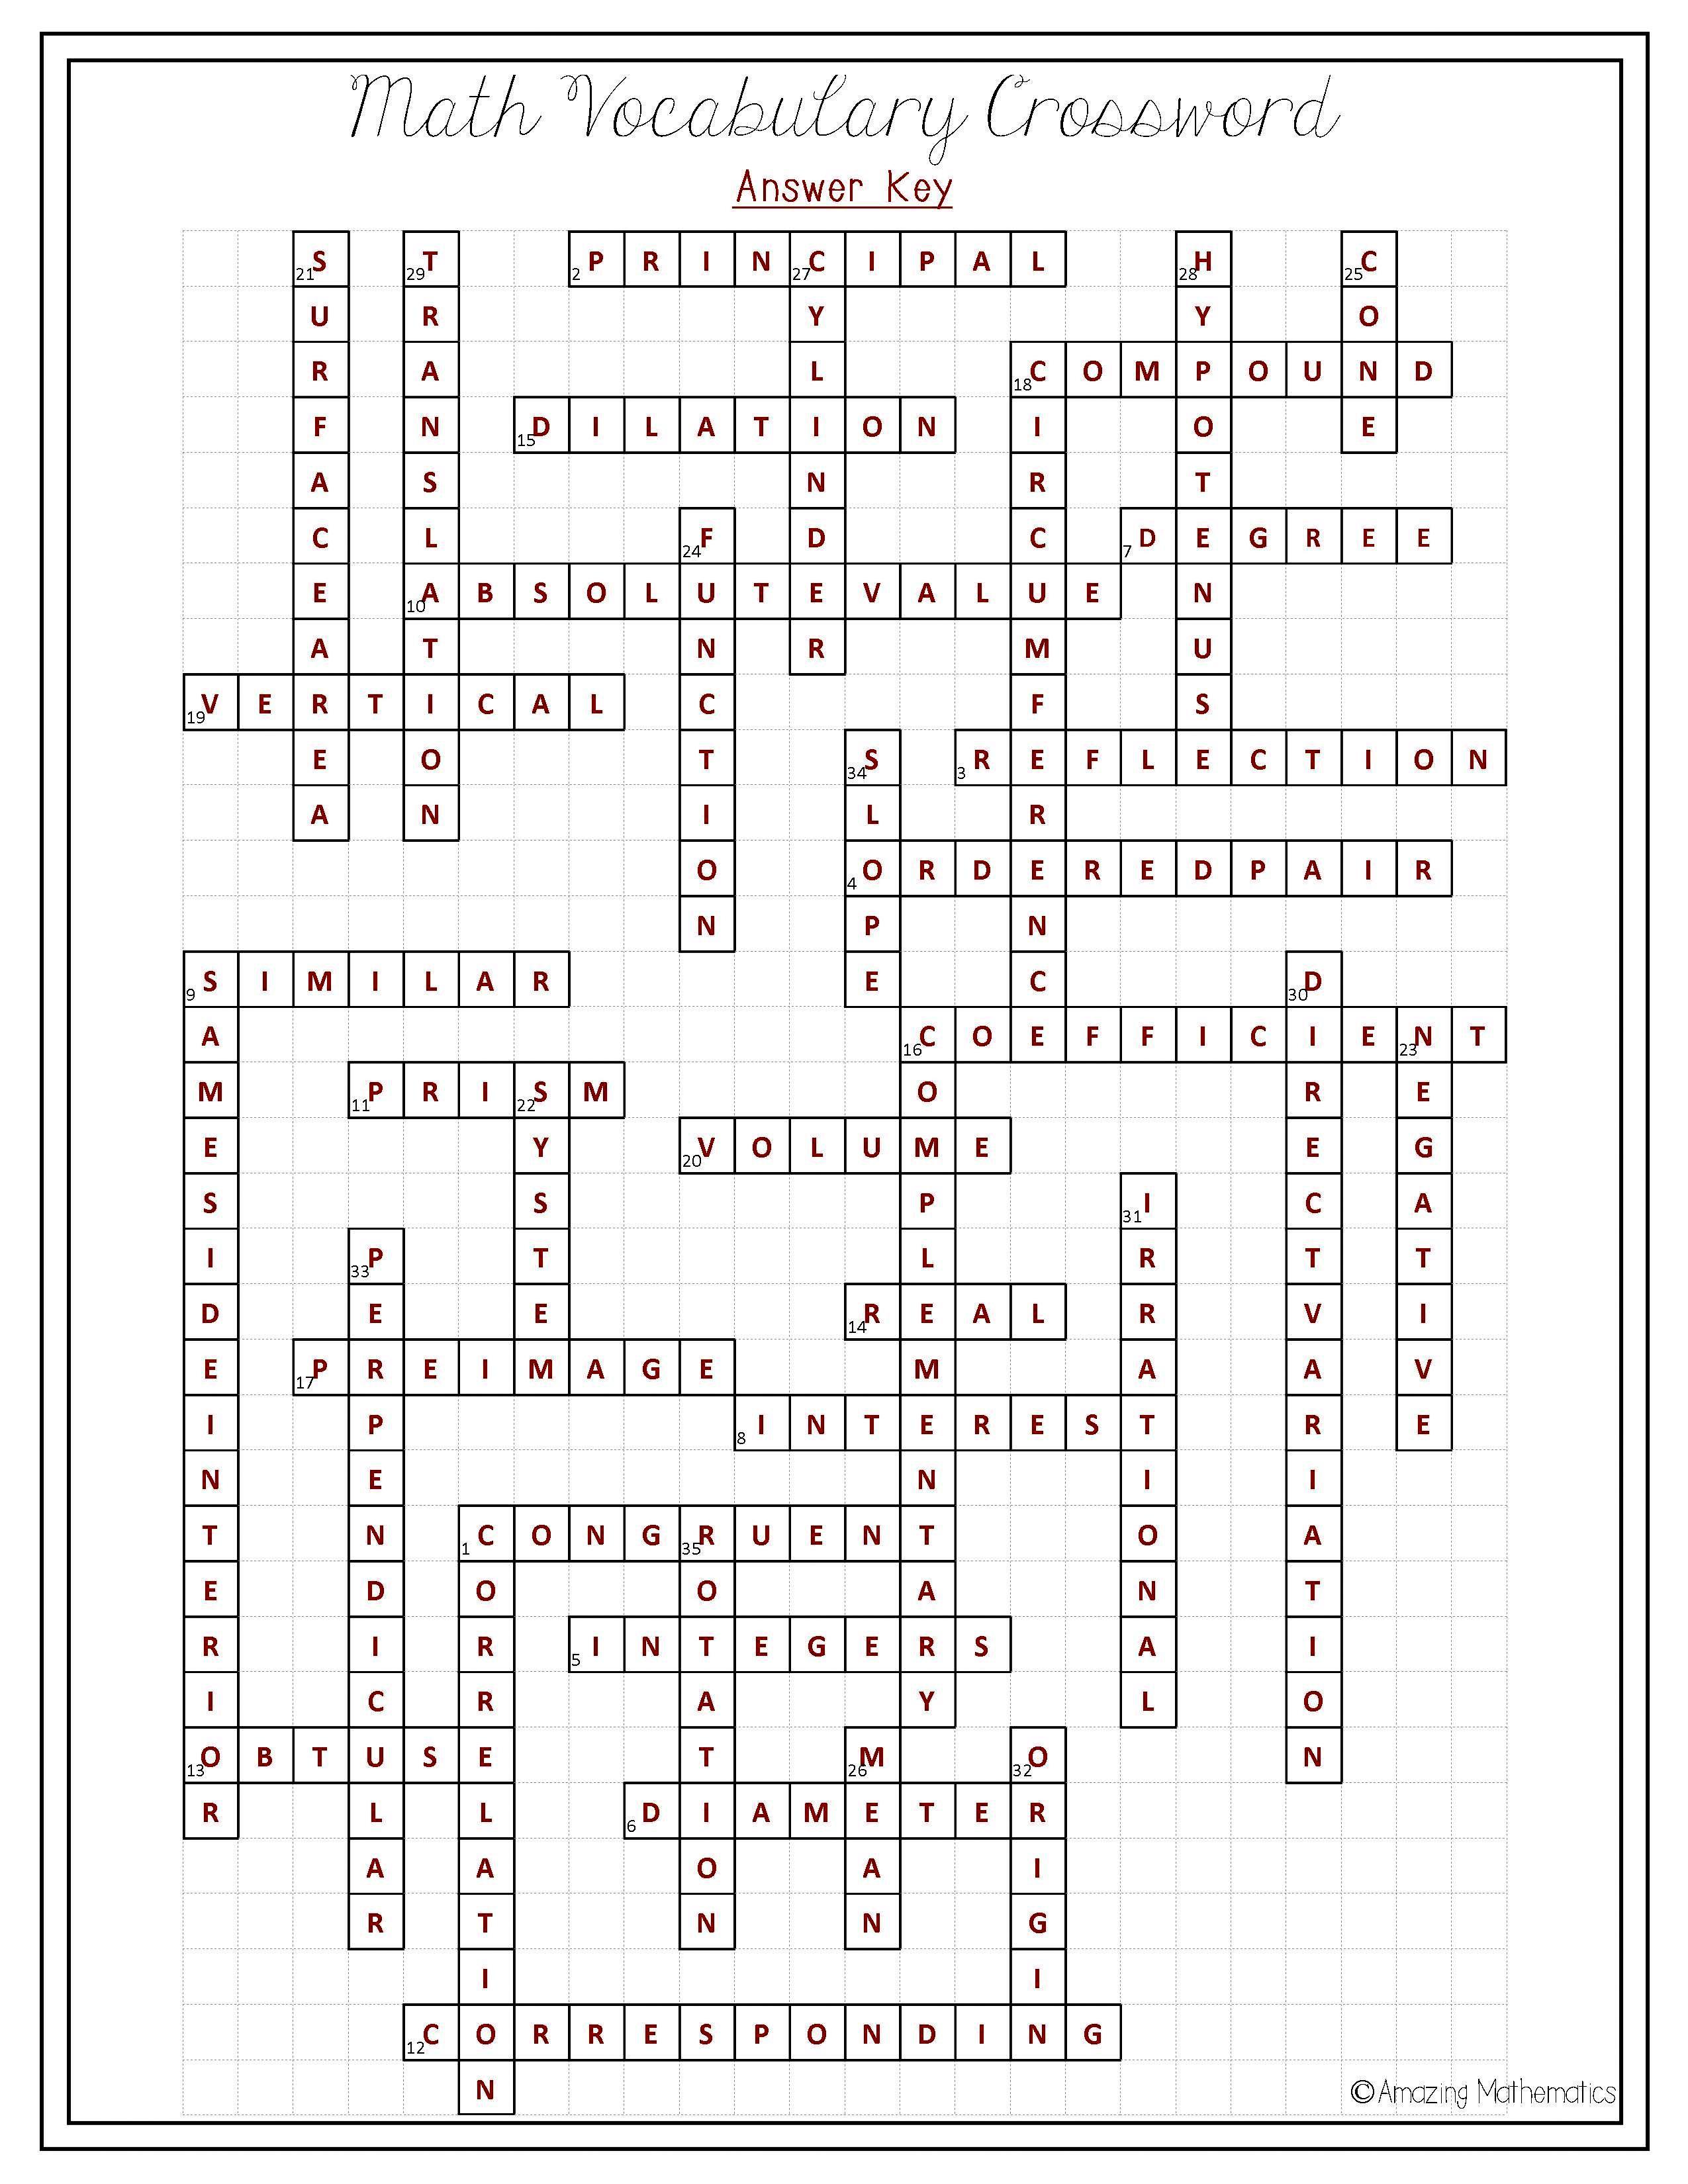 Algebra 1 Crossword Puzzles Printable